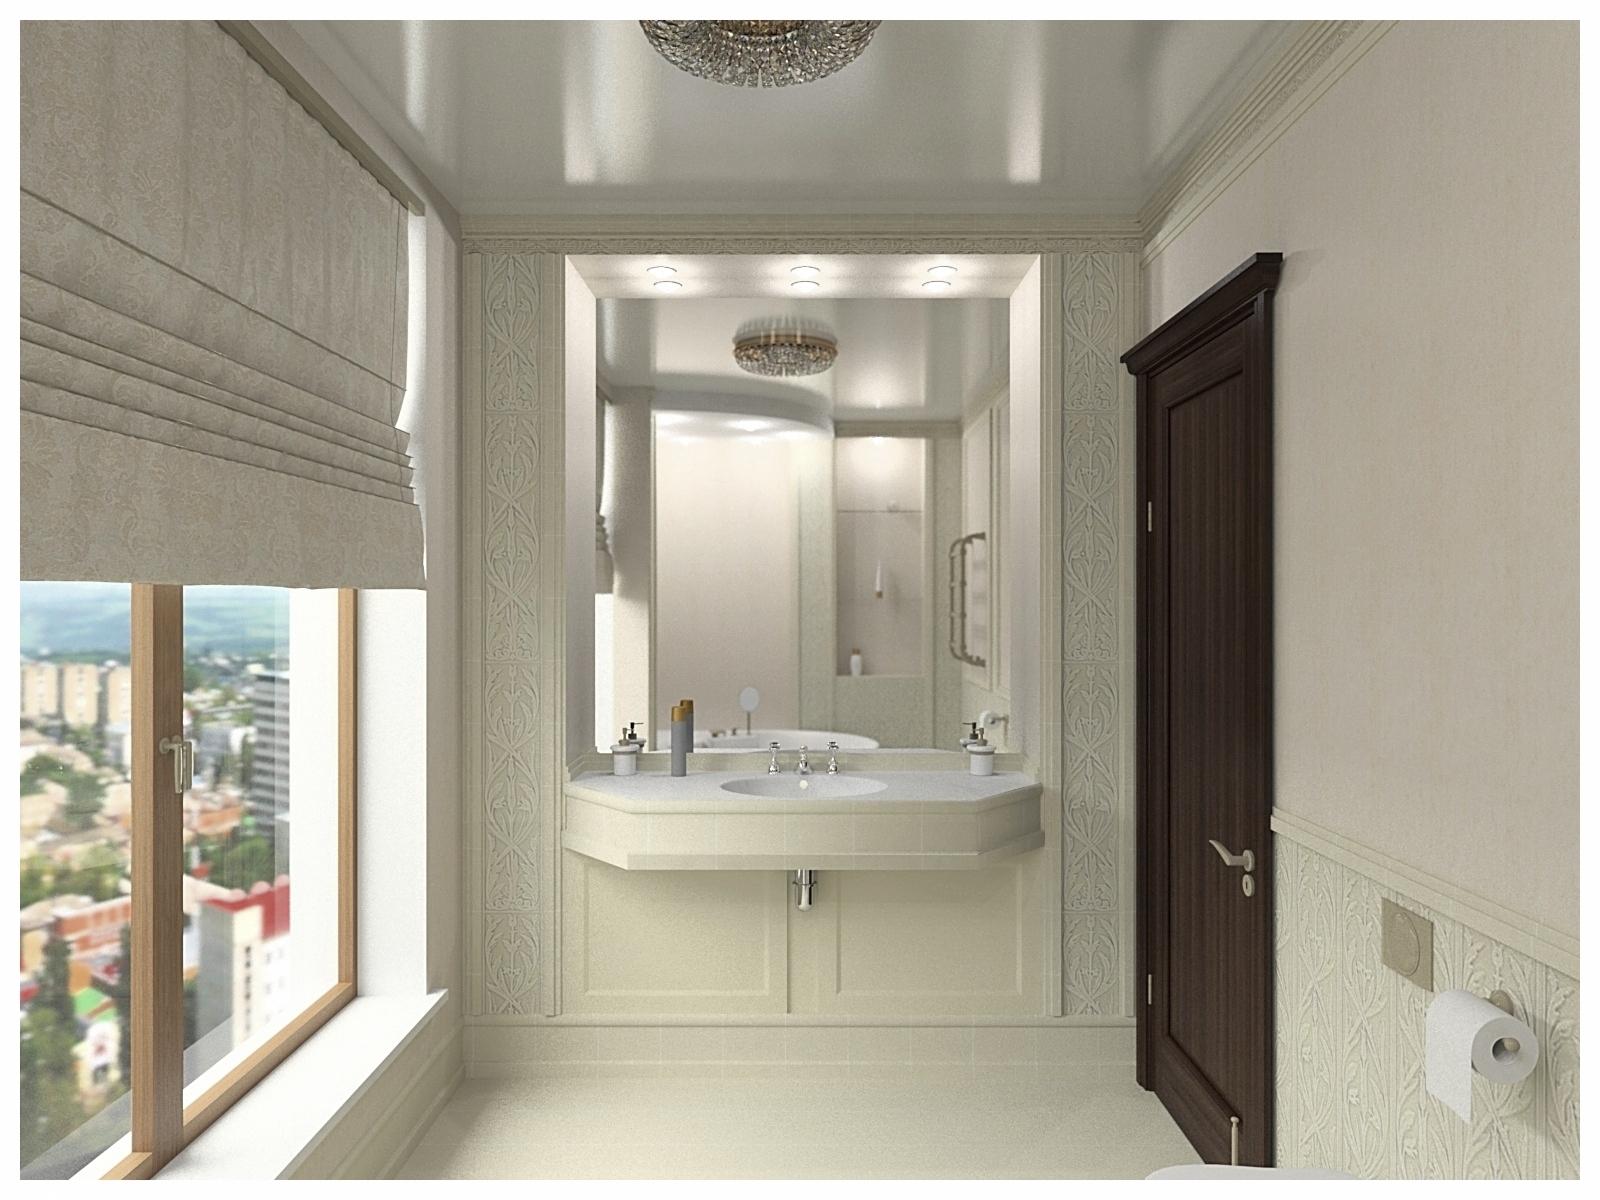 Дизайн интерьеров квартиры в эклектике. Санузел 1.